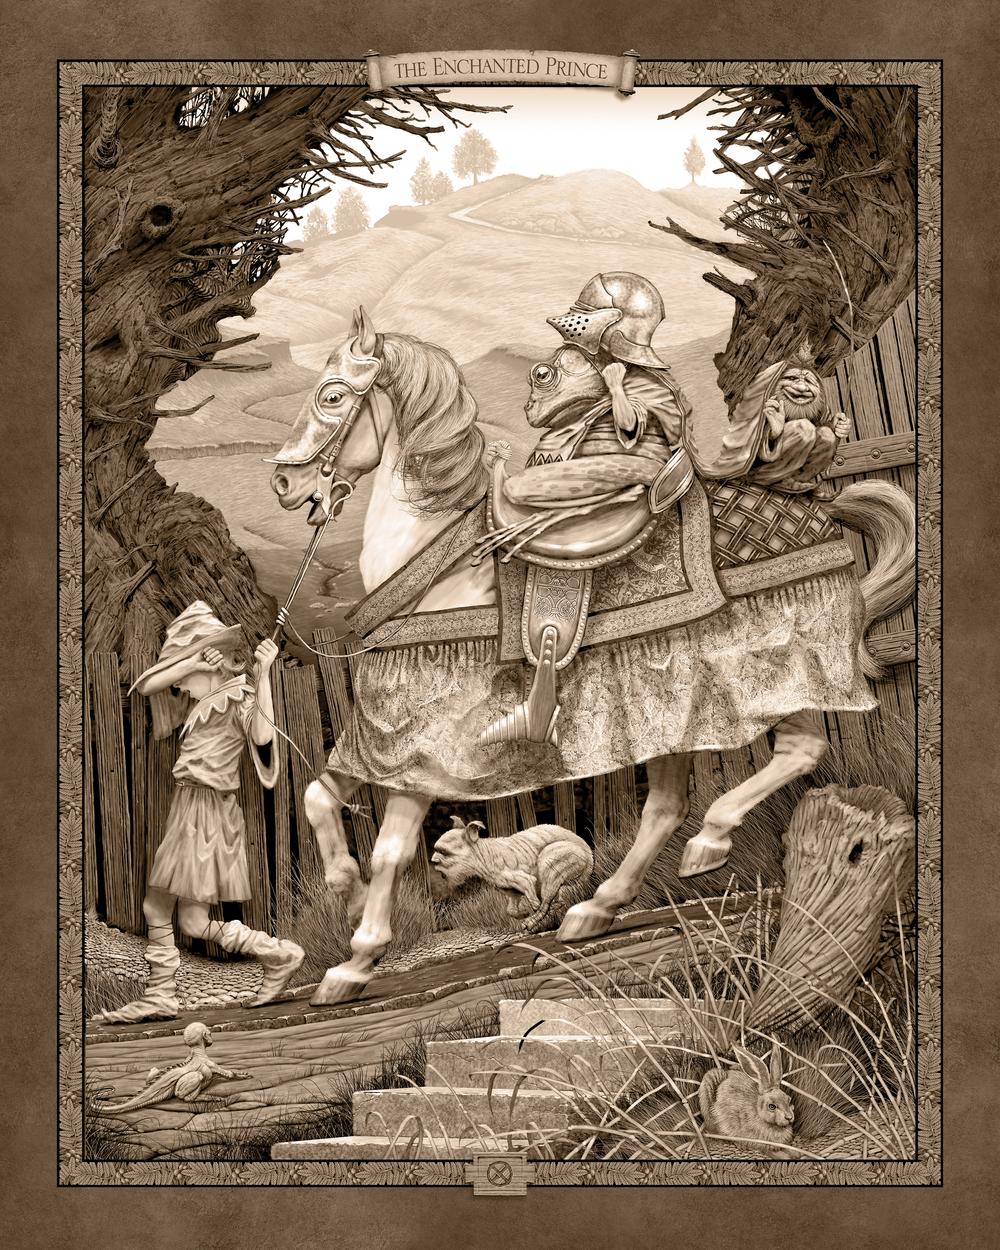 Enchanted Prince  Artwork by Ed Binkley